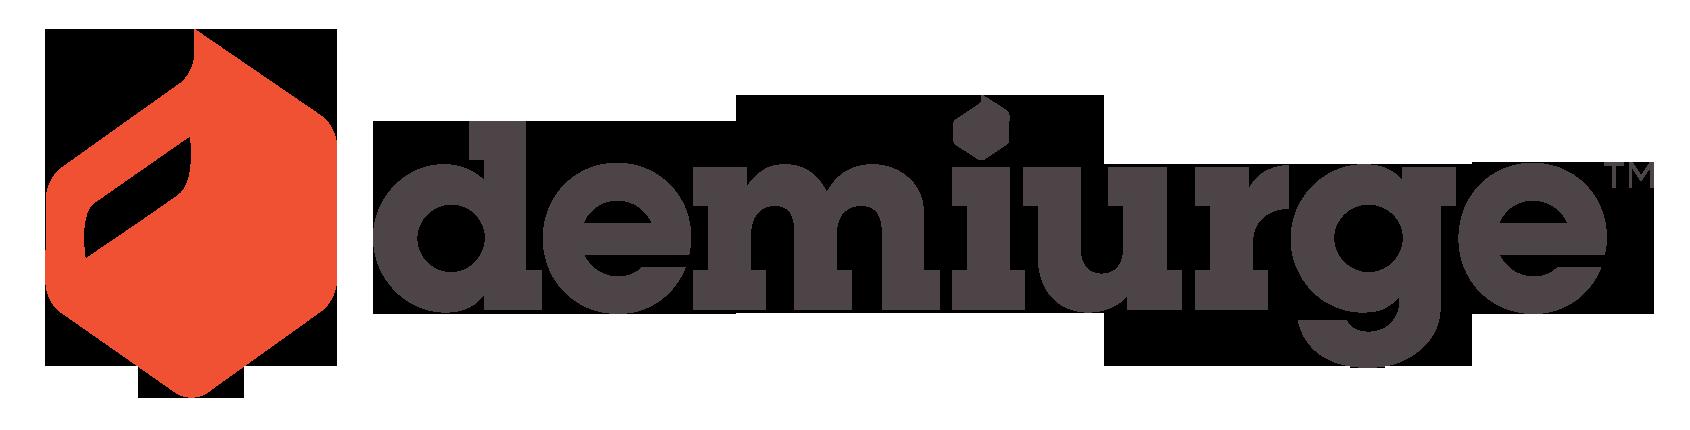 Demiurge_logo.png